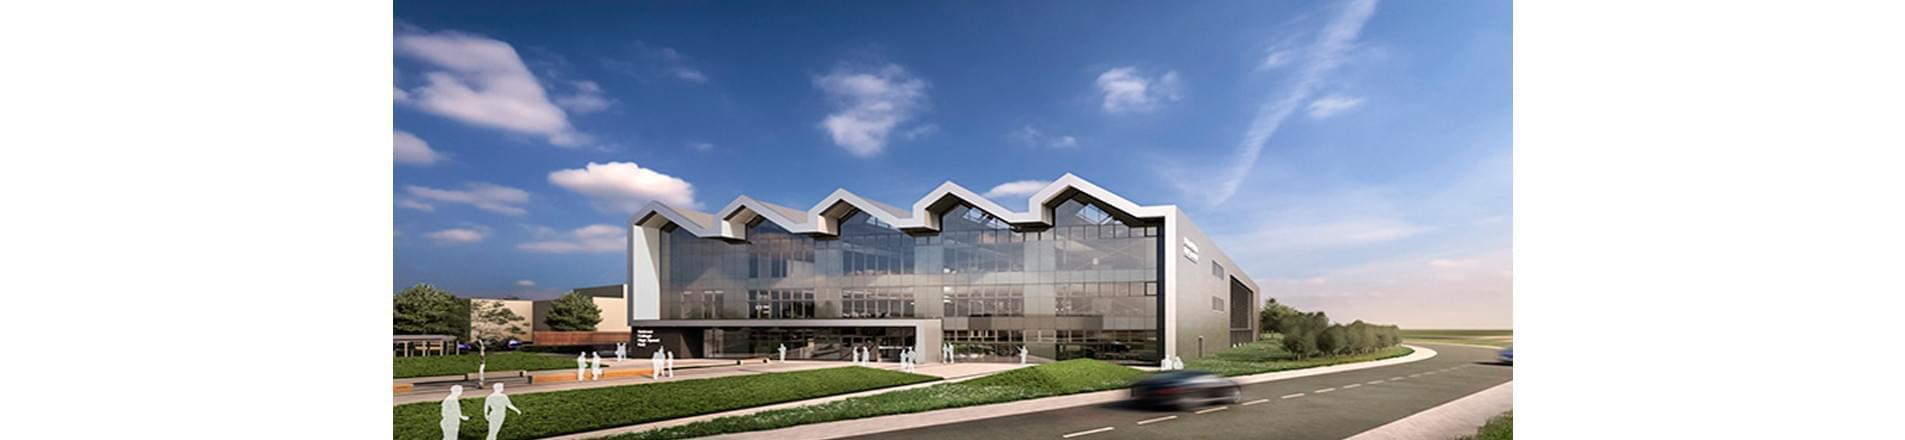 a modern building design